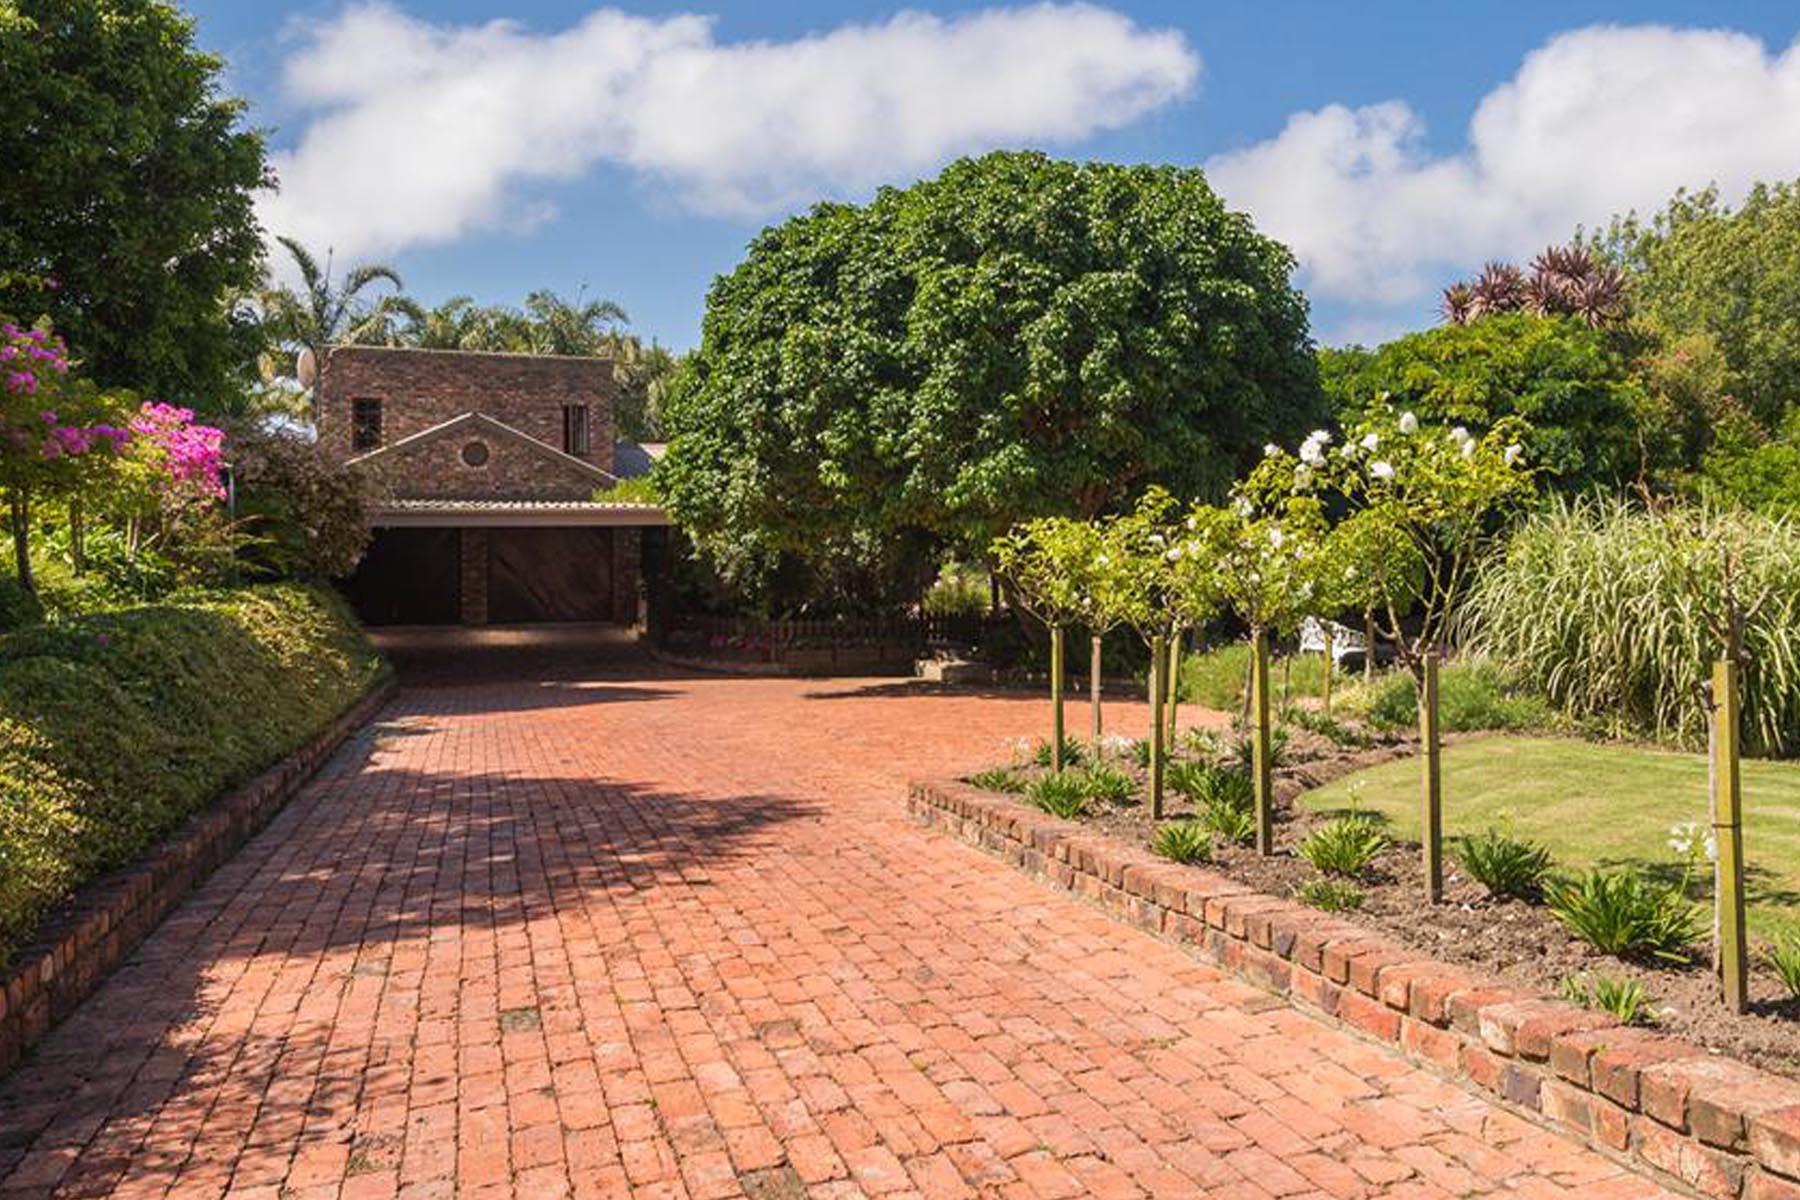 農場/牧場 / プランテーション のために 売買 アット Victoria Heights George, 西ケープ, 6530 南アフリカ